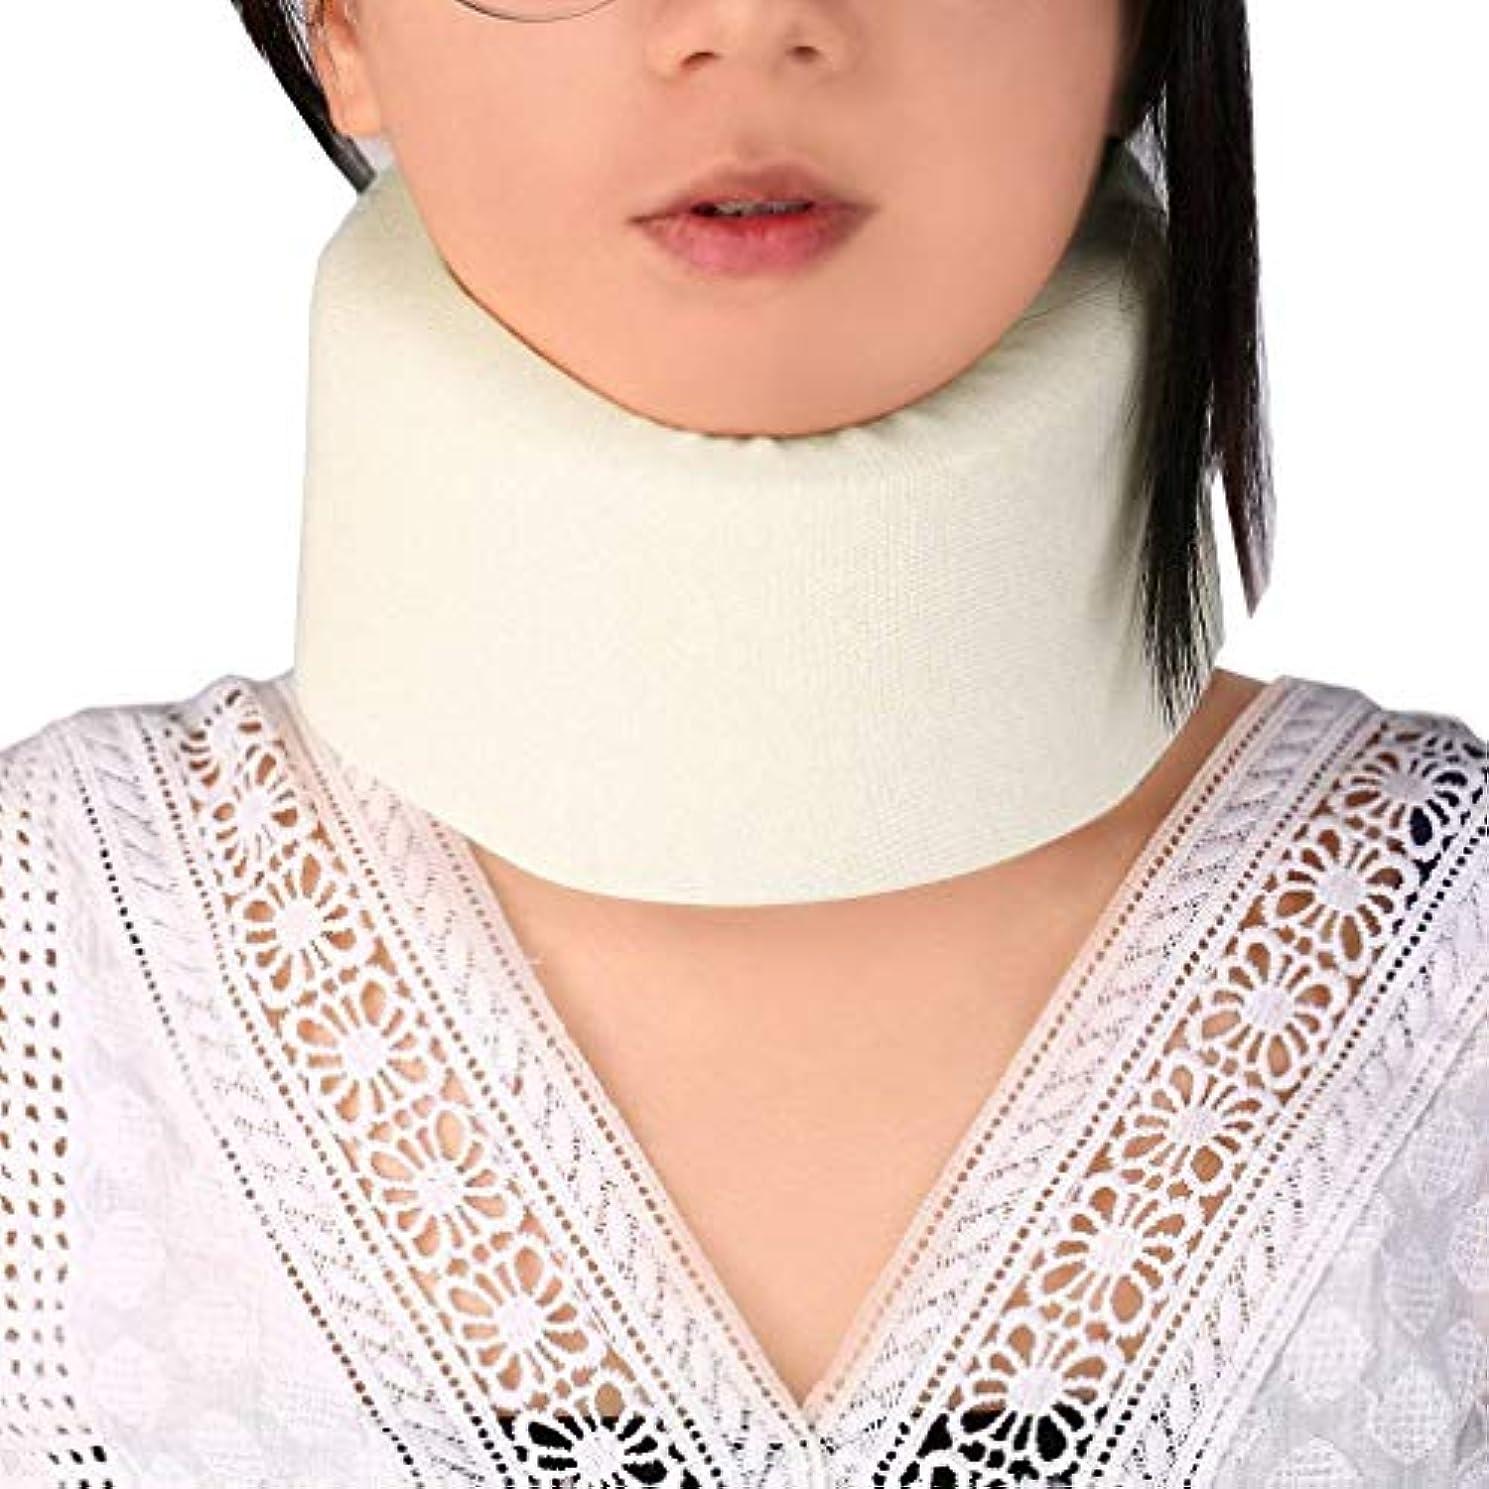 個人的に脚本家適合Oral Dentistry 首 サポーター ソフト 頸椎 首こり ソフト頸椎カラー 肩の痛みの軽減 着脱 簡単 男女兼用 ホワイト